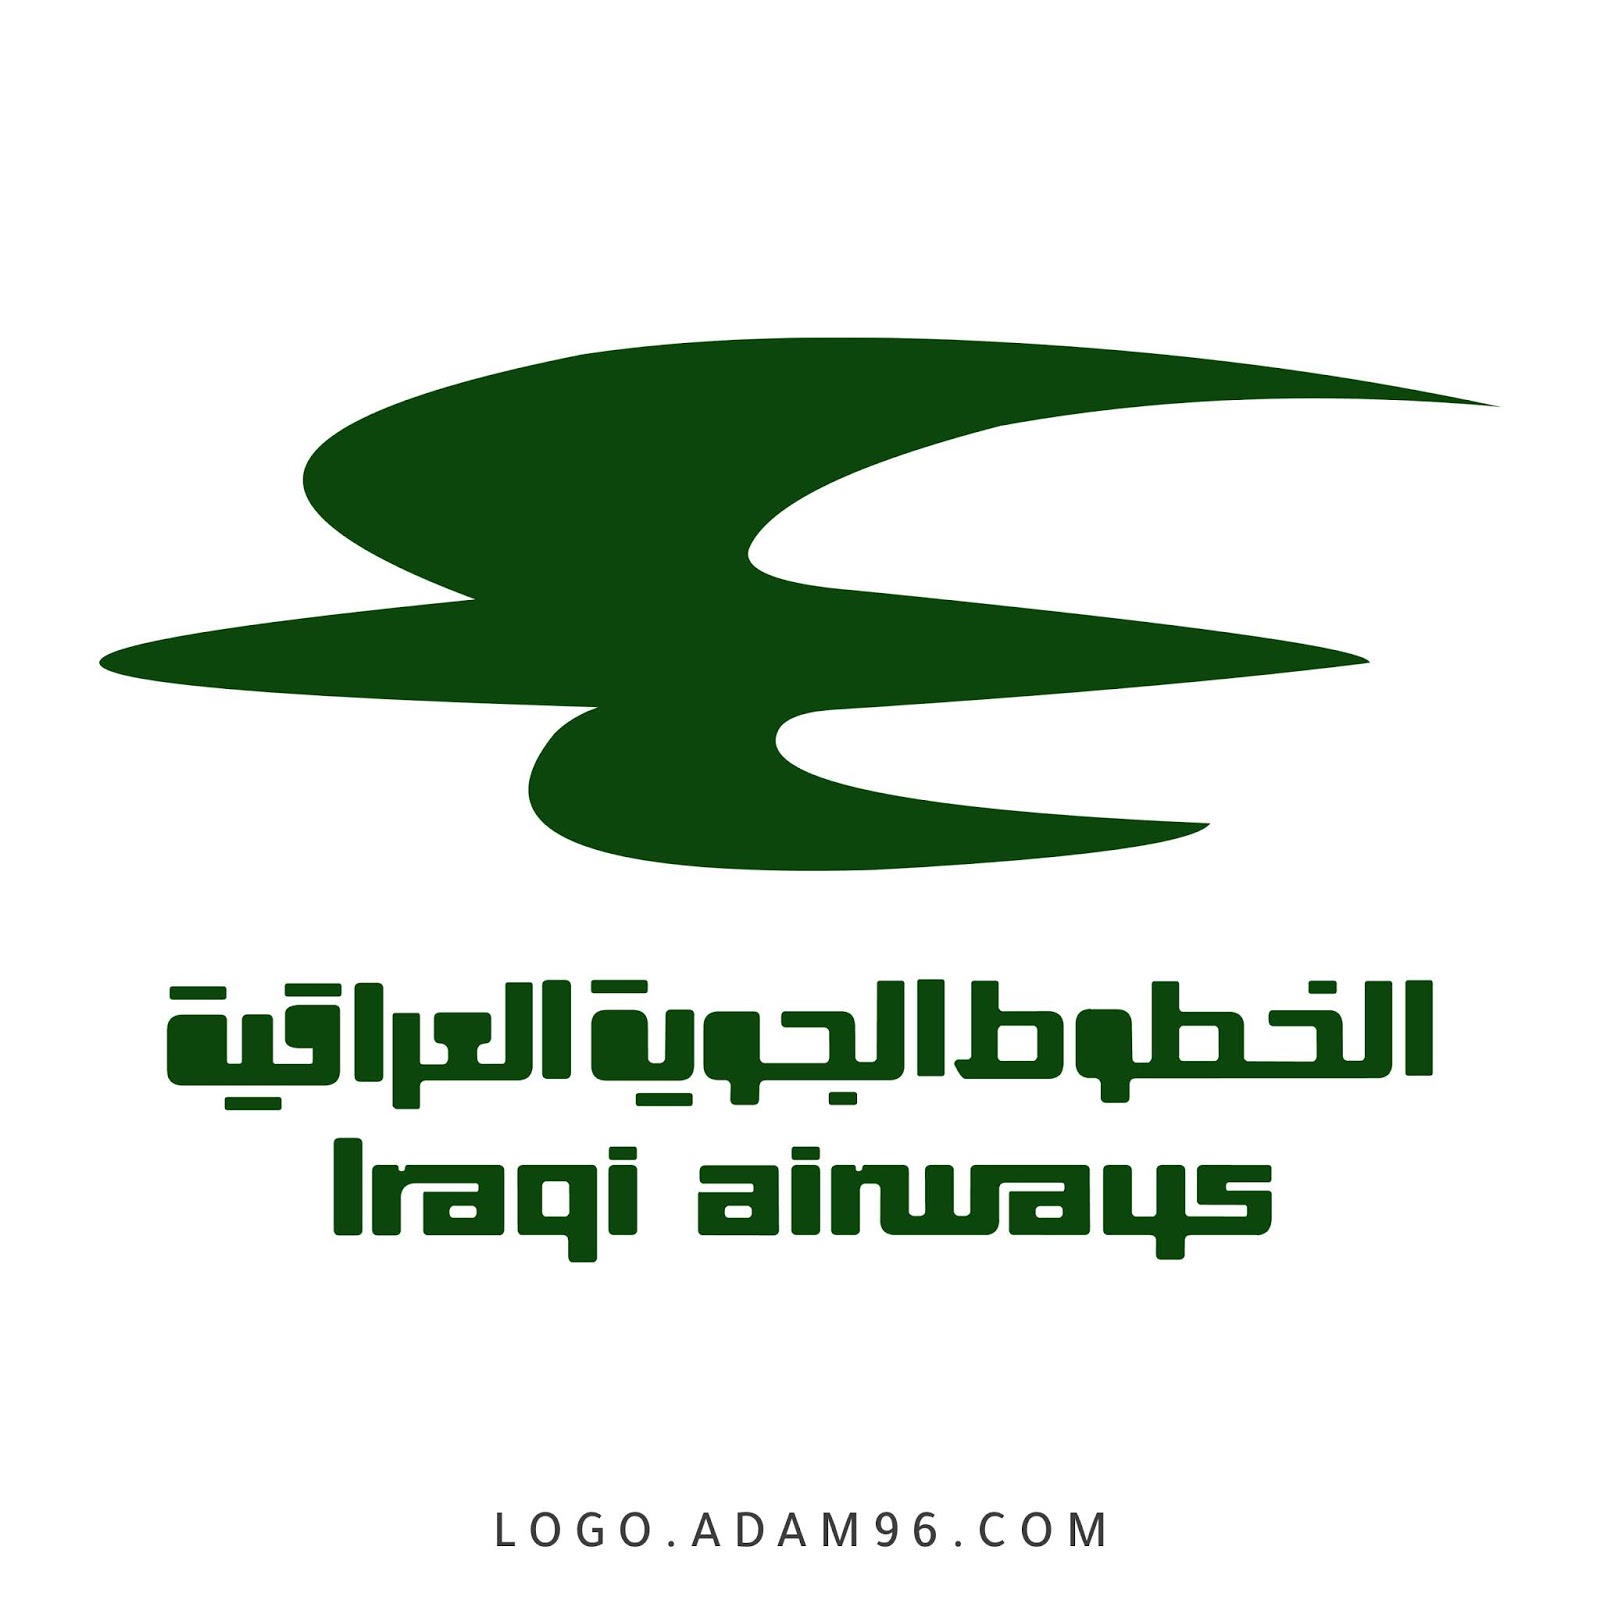 تحميل شعار الخطوط الجوية العراقية PNG